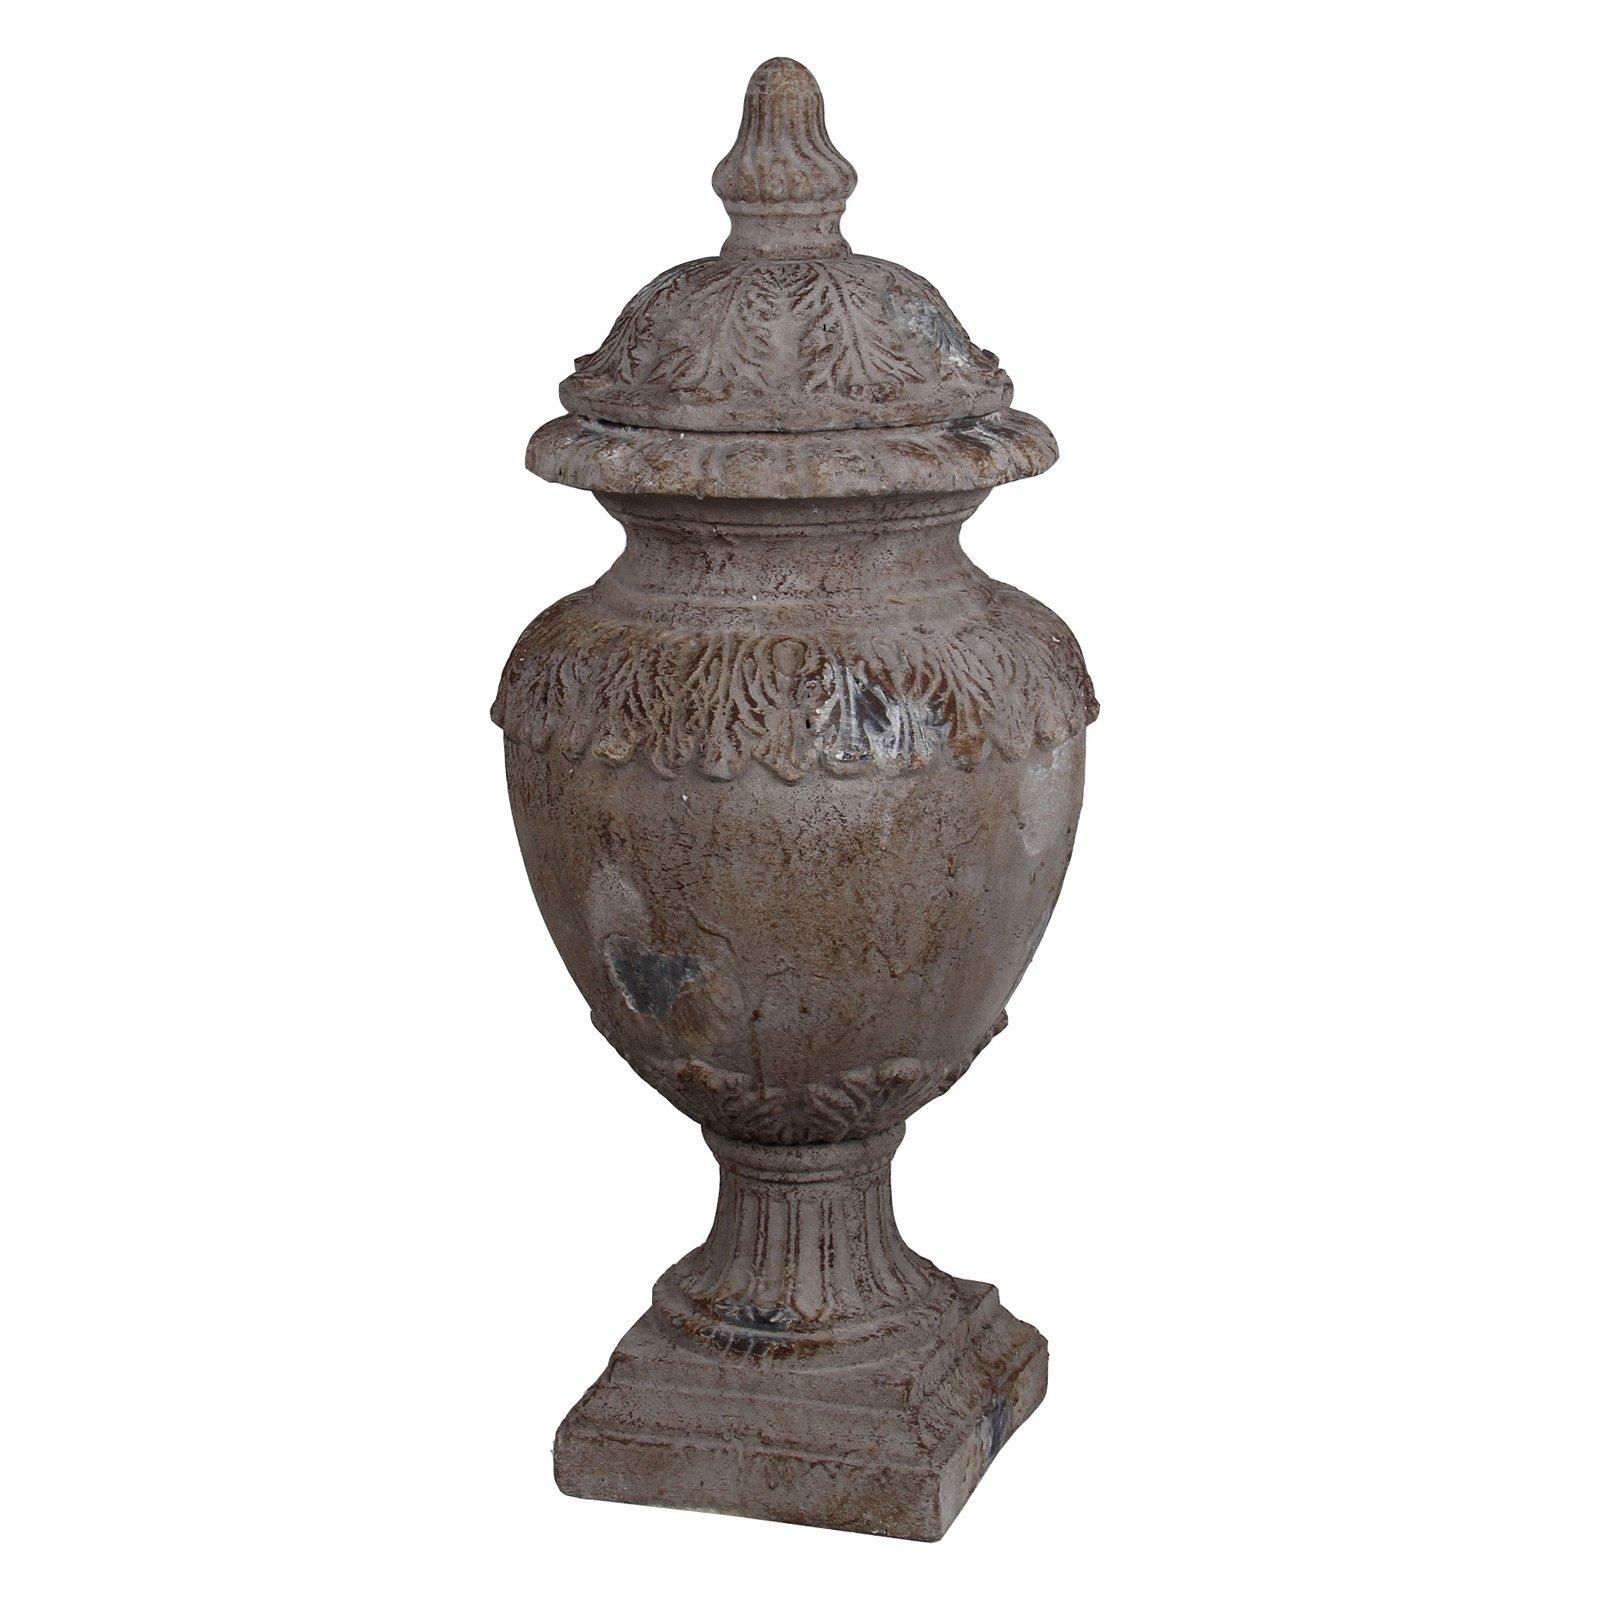 Privilege International 33 in. Ceramic Urn by Privilege